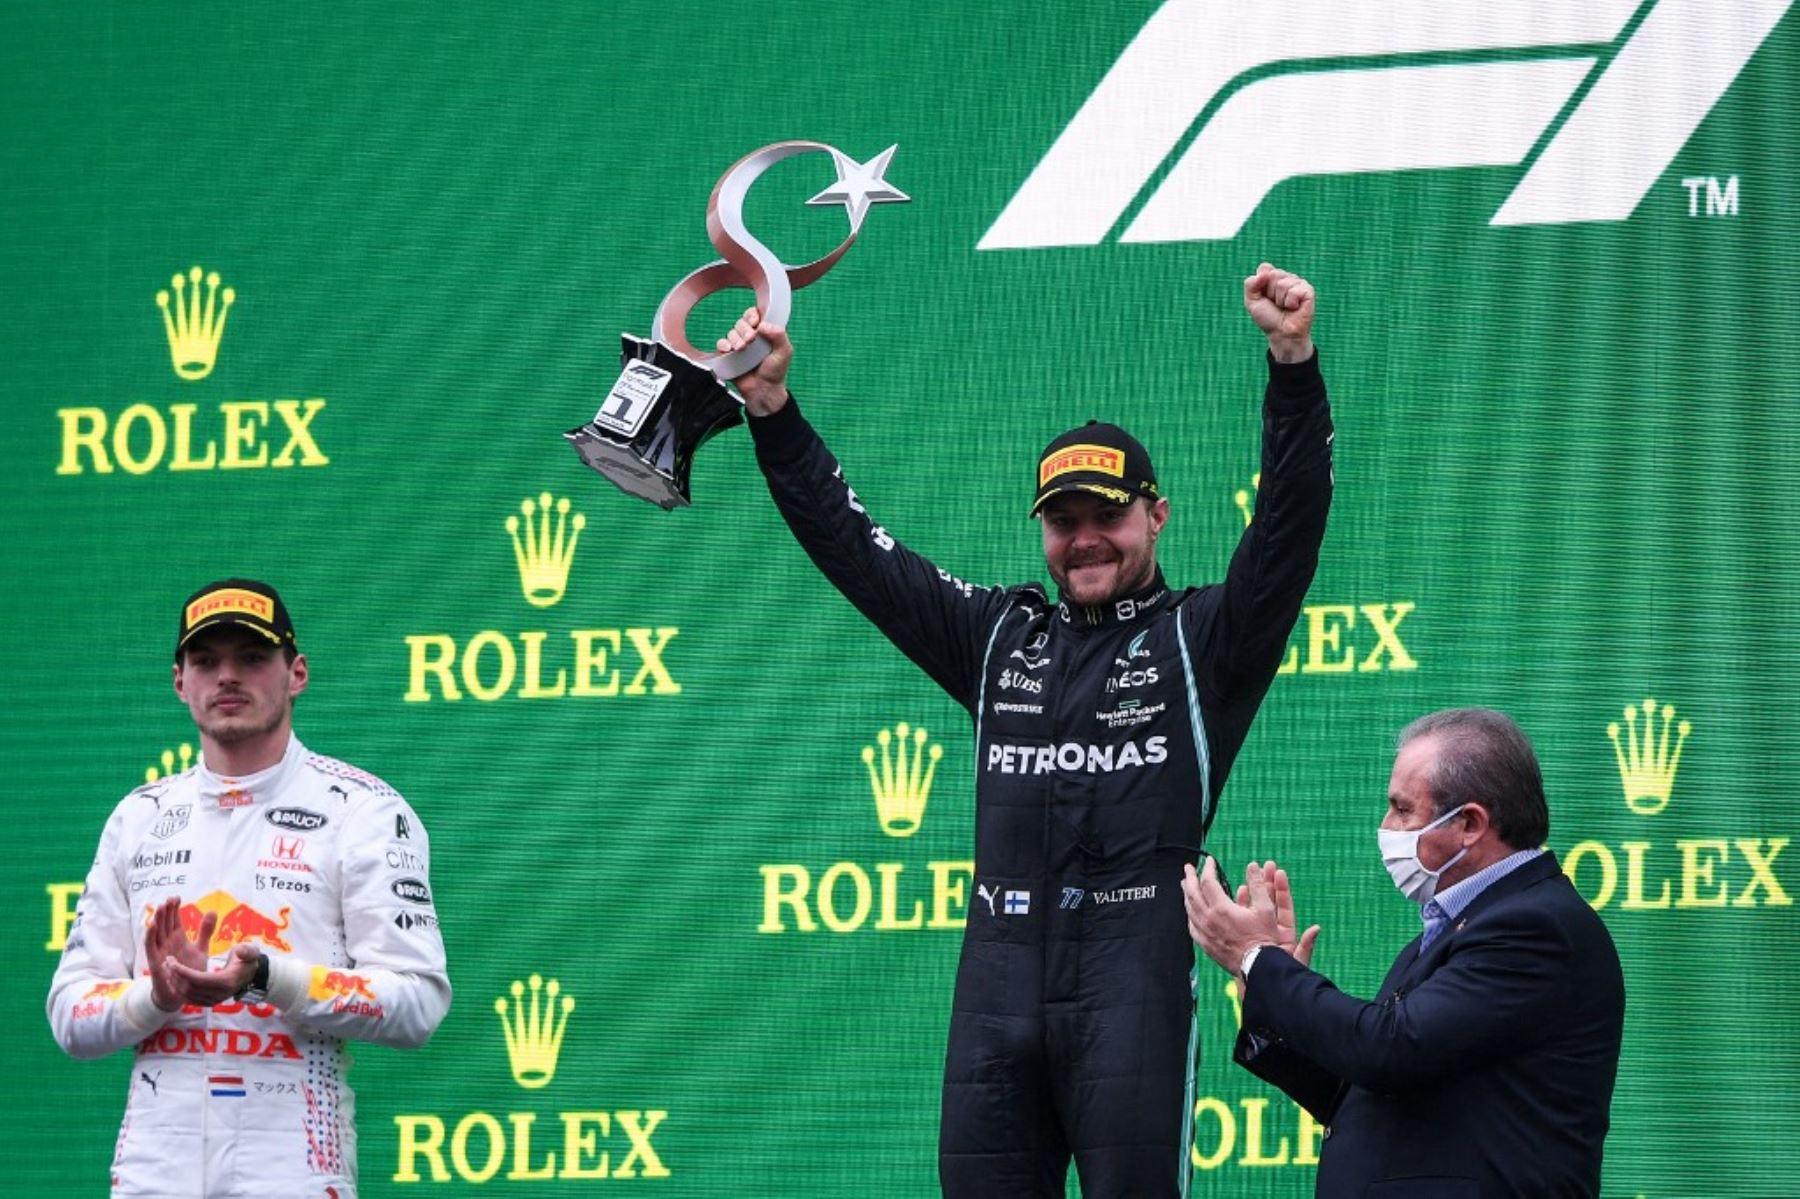 Bottas gana GP de Turquía de F1, Verstappen recupera liderato del Mundial